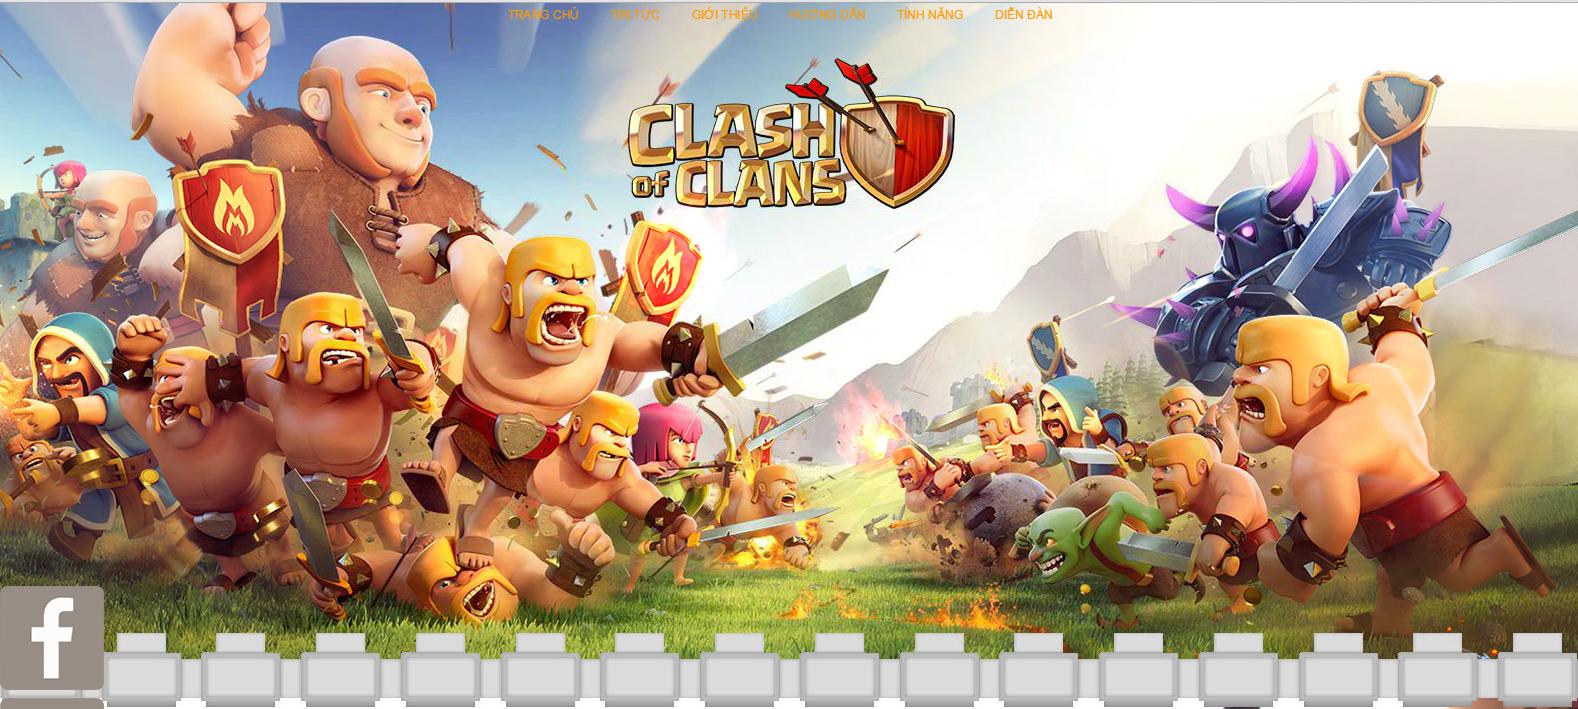 VTC Mobile bất ngờ 'chạm vào' Clash of Clans